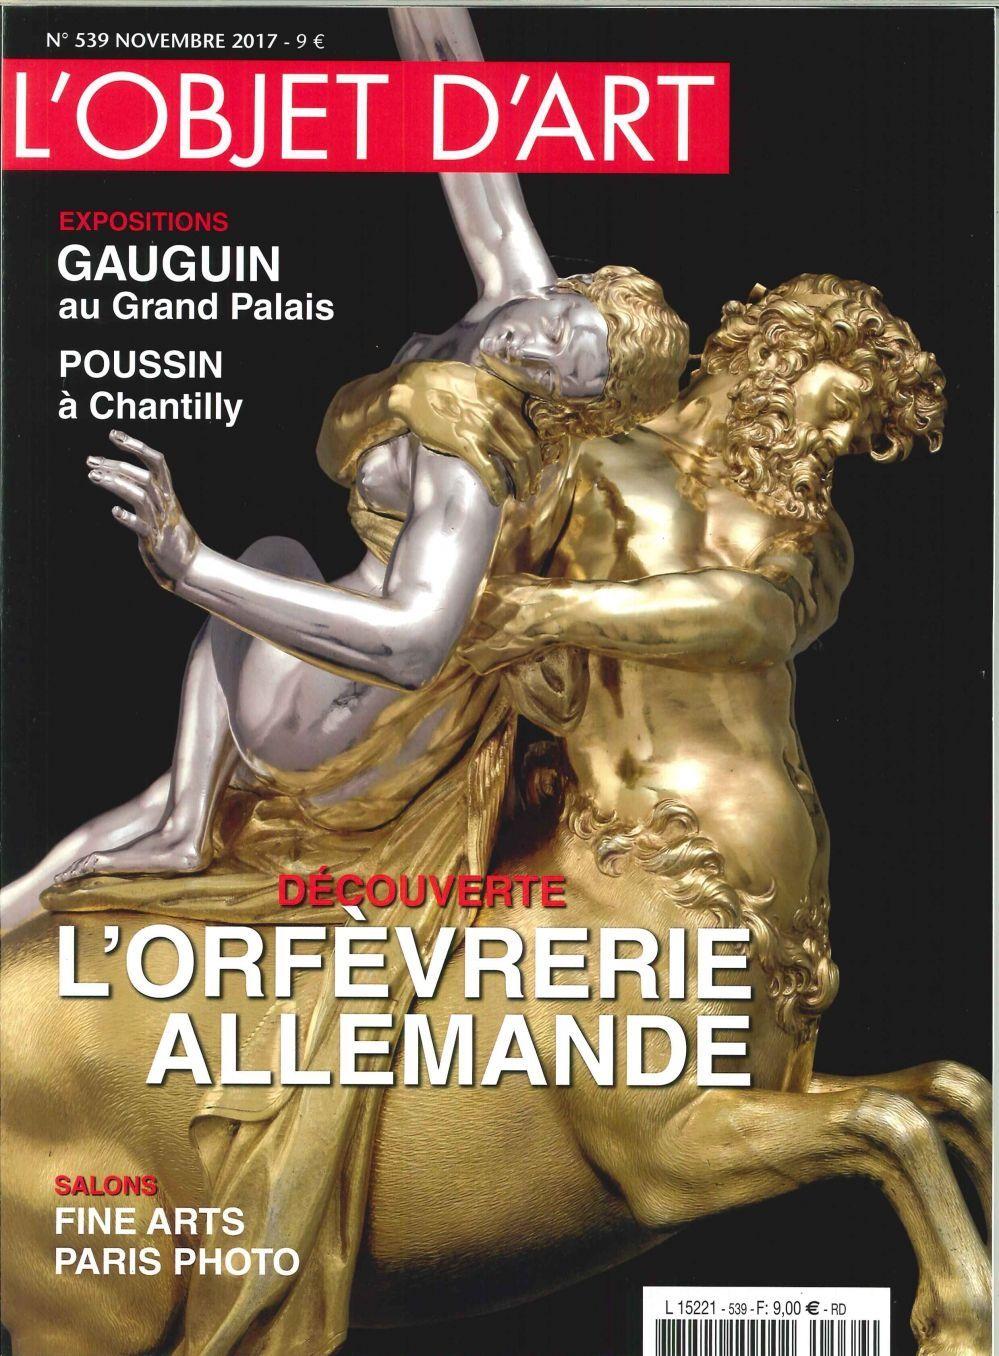 L'OBJET D'ART N 539 GAUGUIN  NOVEMBRE 2017